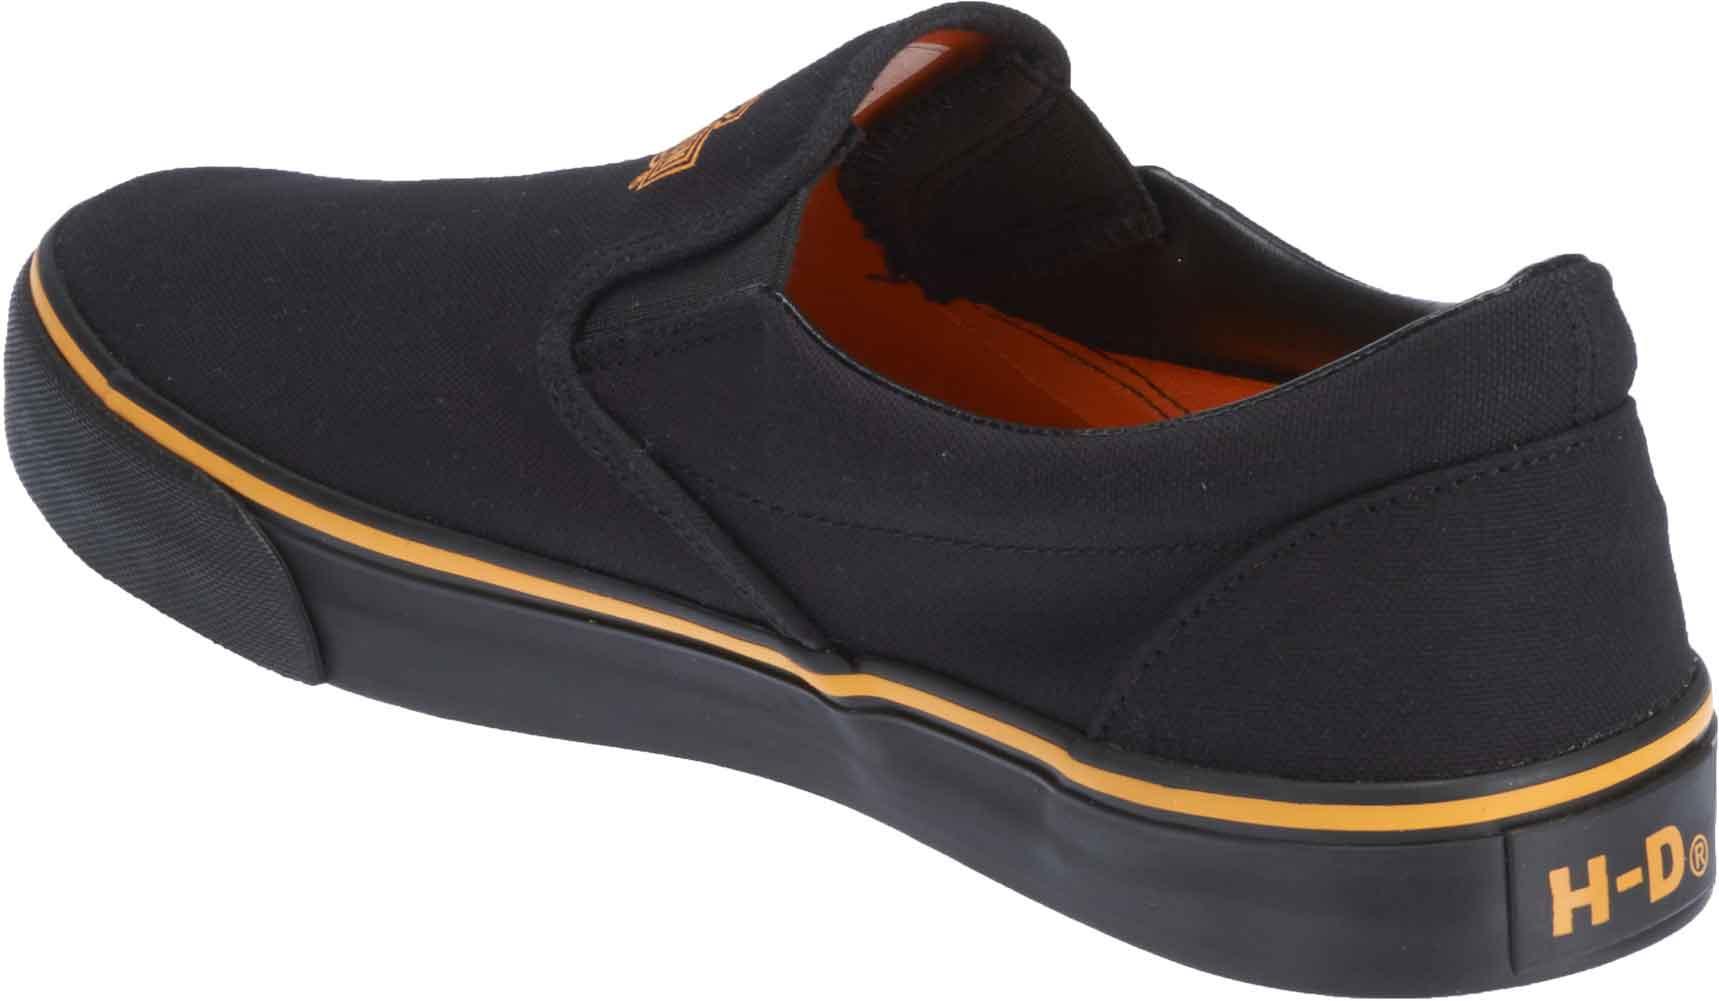 Harley Davidson Slip On Shoes